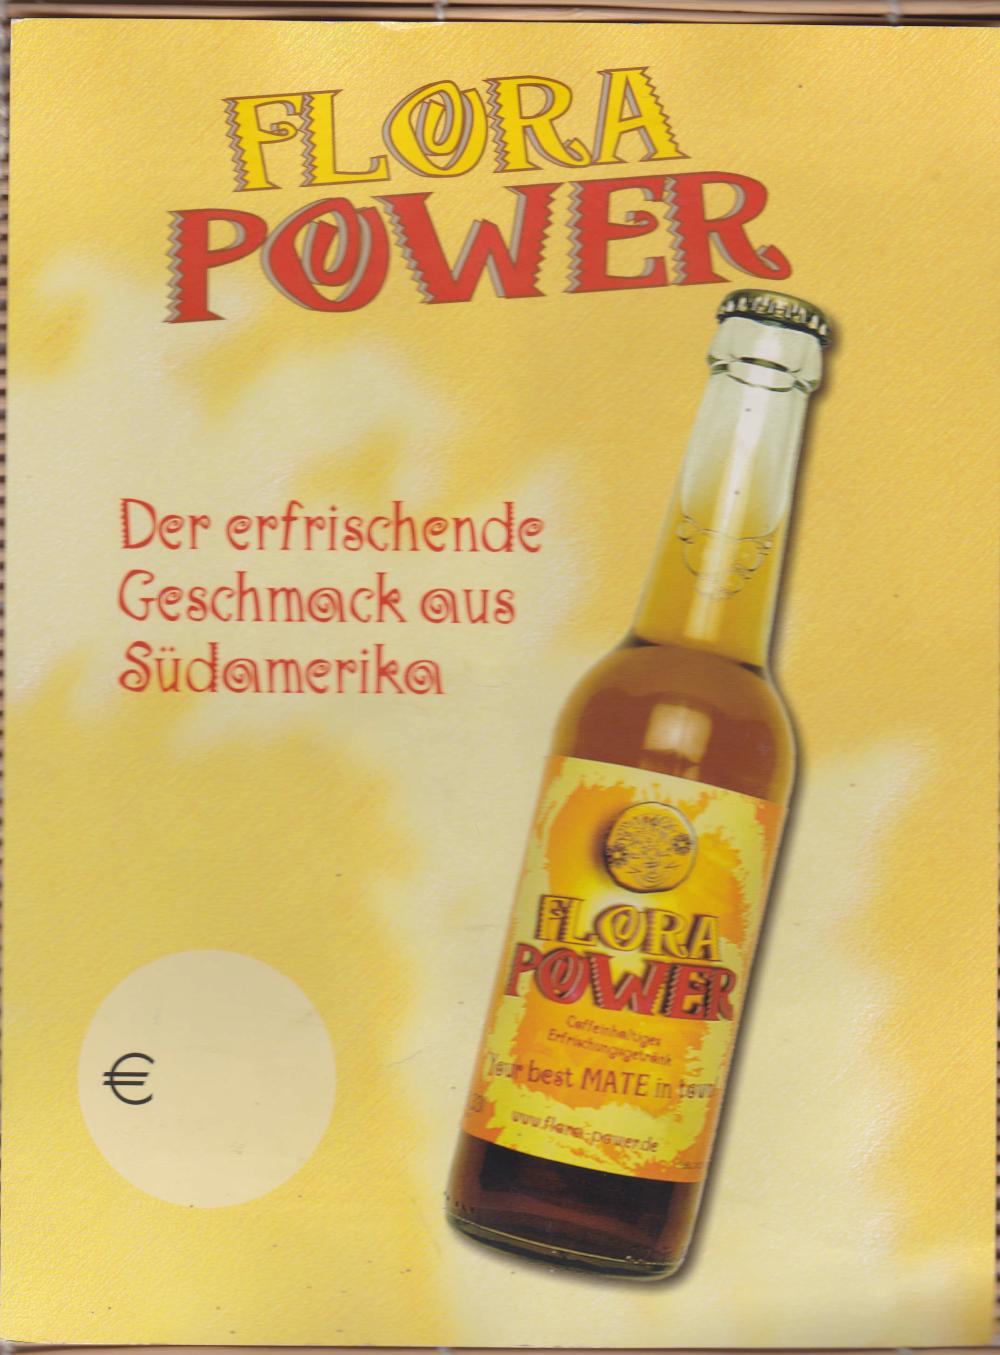 Abbildung 12: Flora Power-Werbung der frühen Jahre